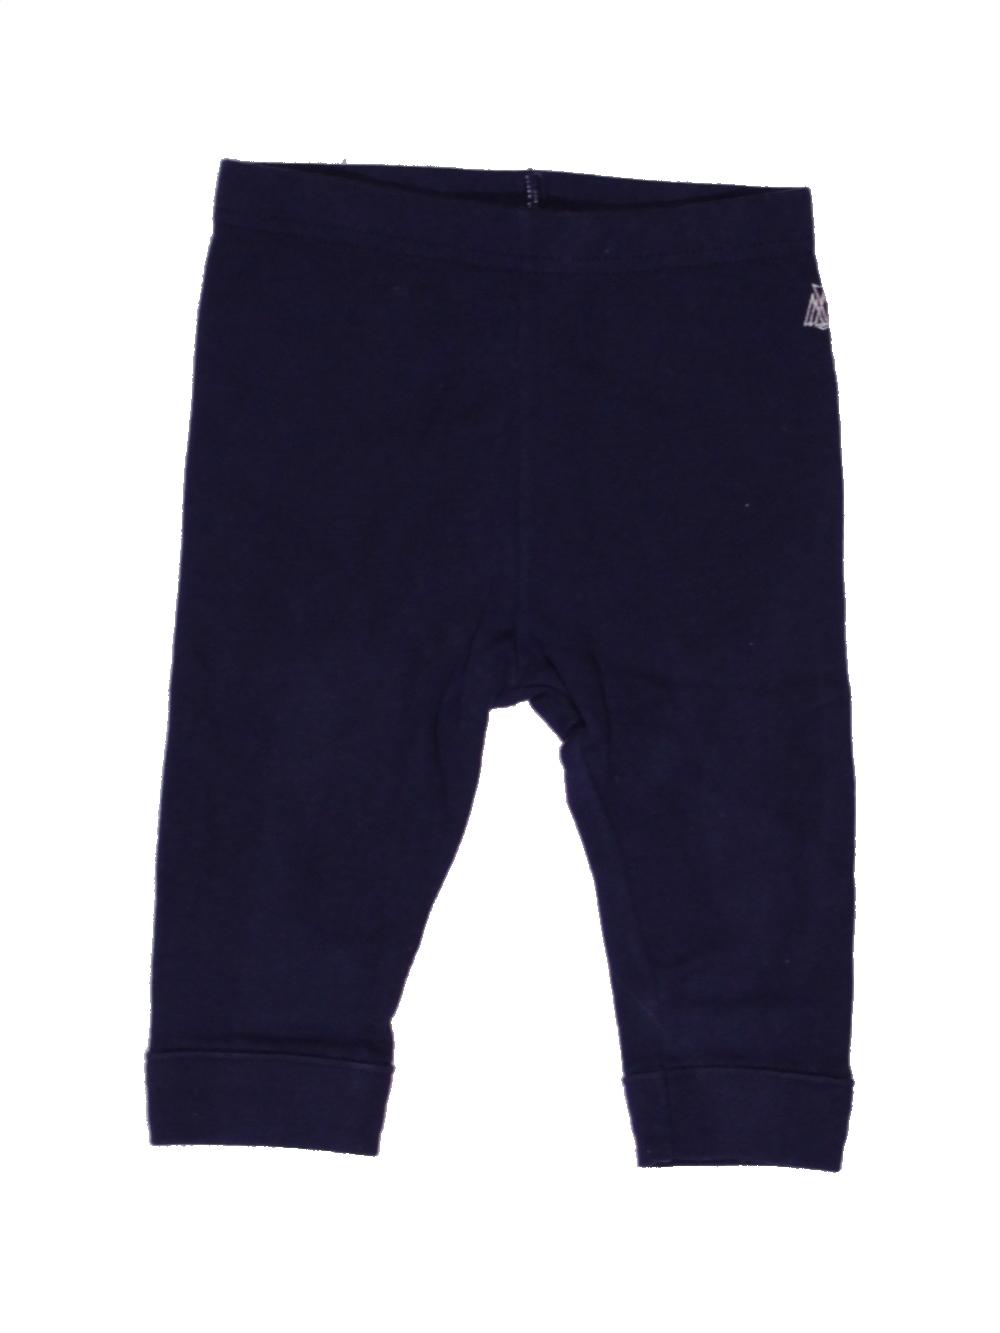 Legging-bebe-fille-PETIT-BATEAU-6-mois-noir-ete-vetement-bebe-1065248